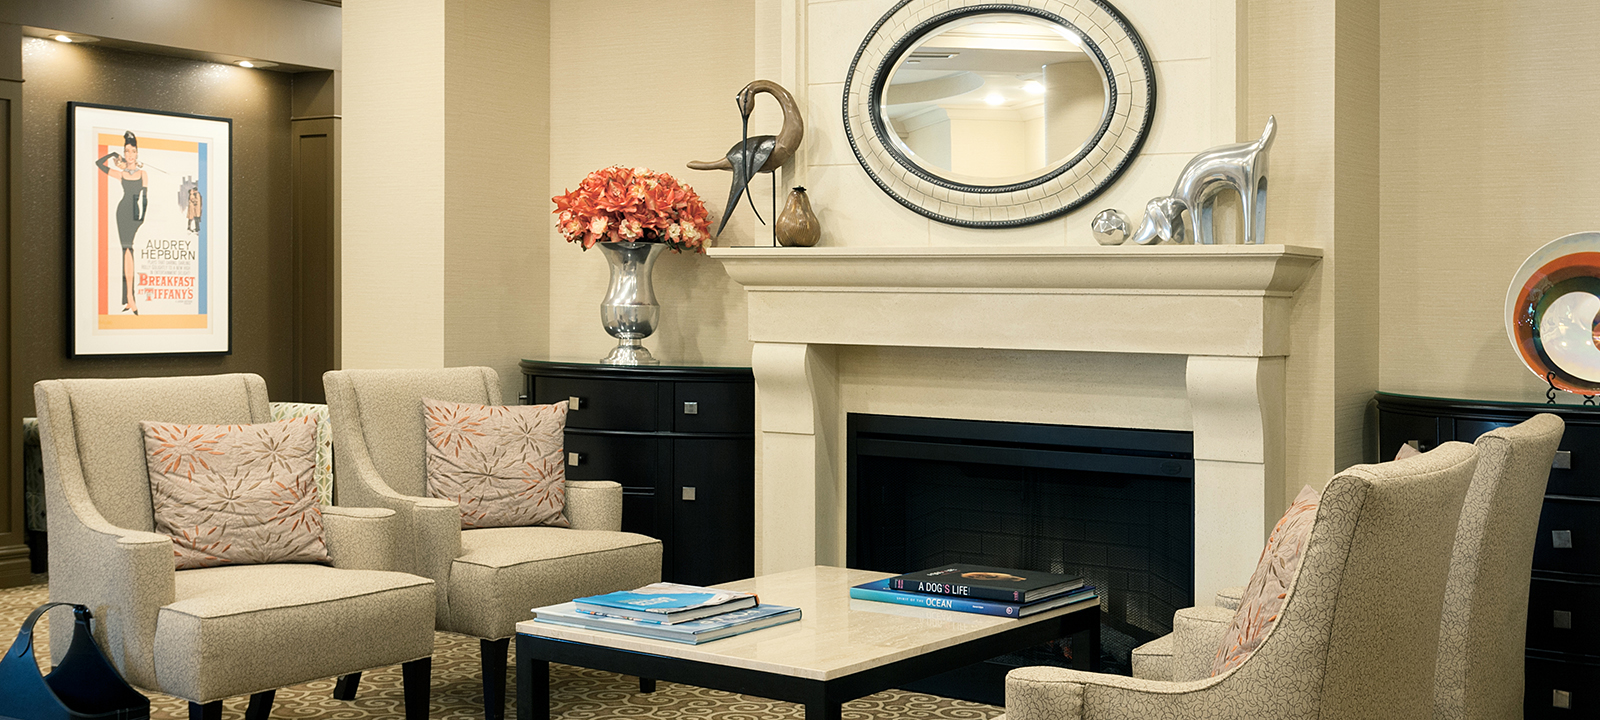 Fireside lounge at Amica Whitby senior living residence.